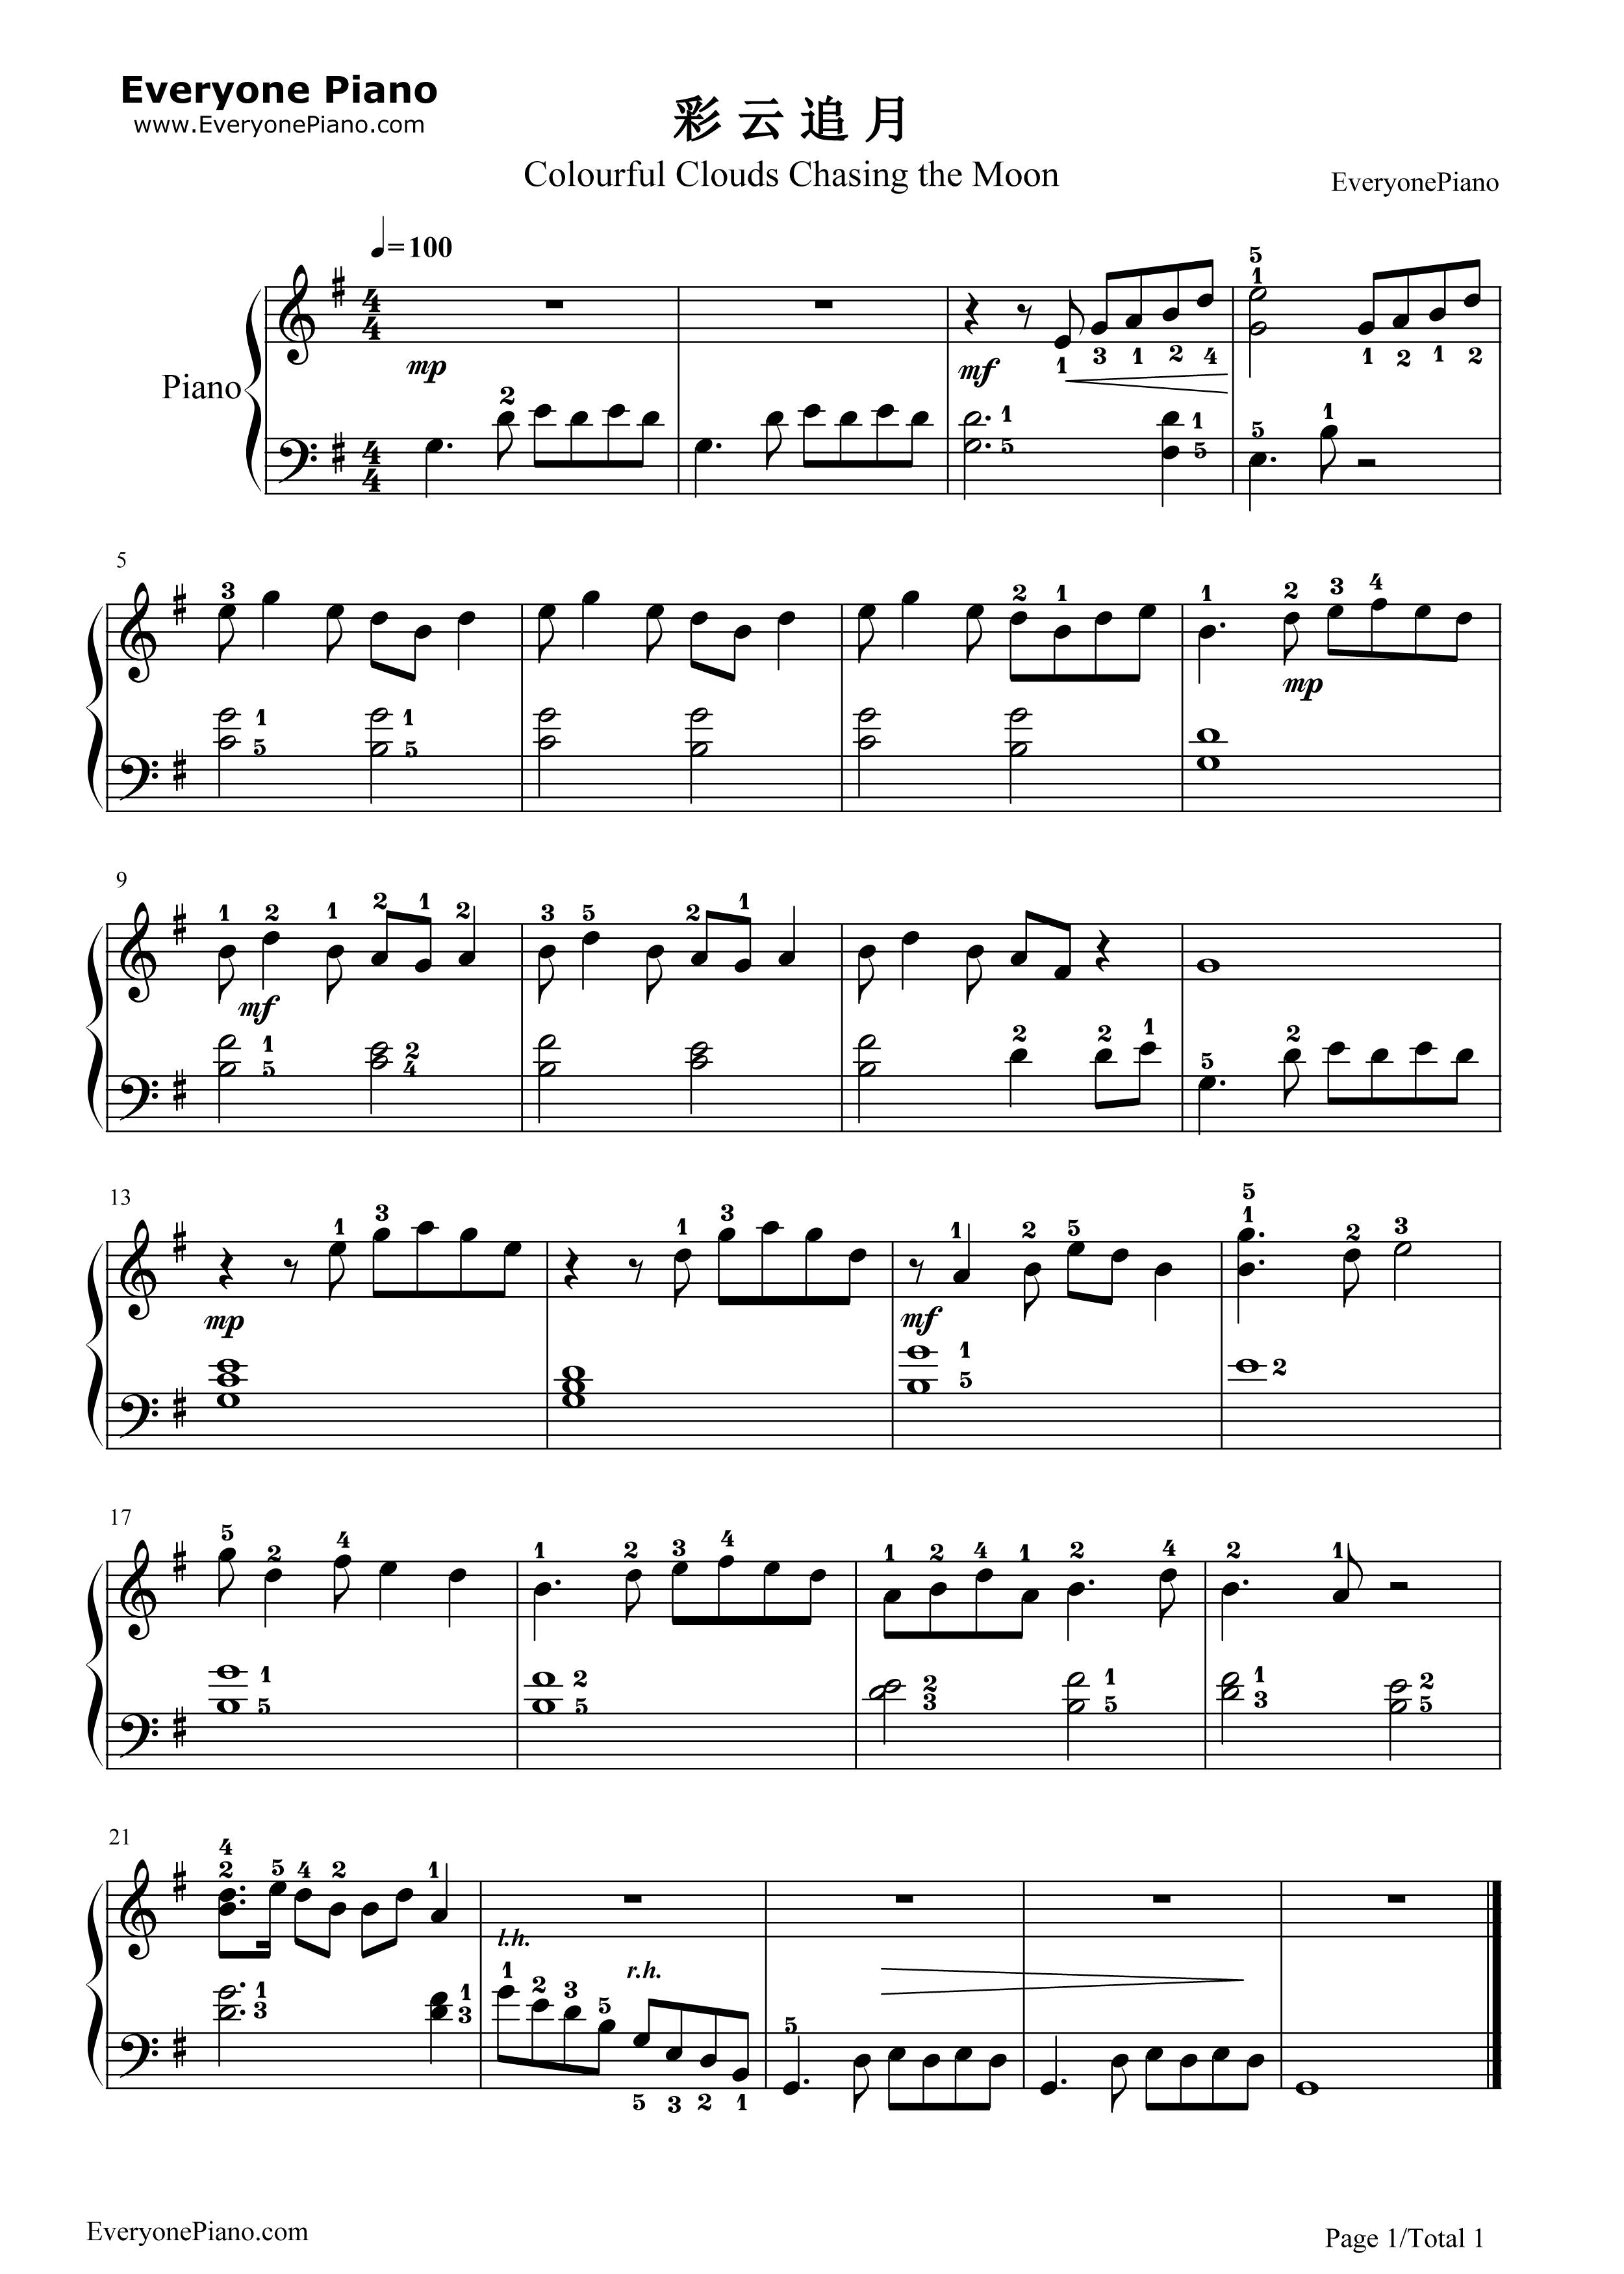 彩云追月片断-骈杂版-eop教养学曲五线谱预览1-钢琴谱图片